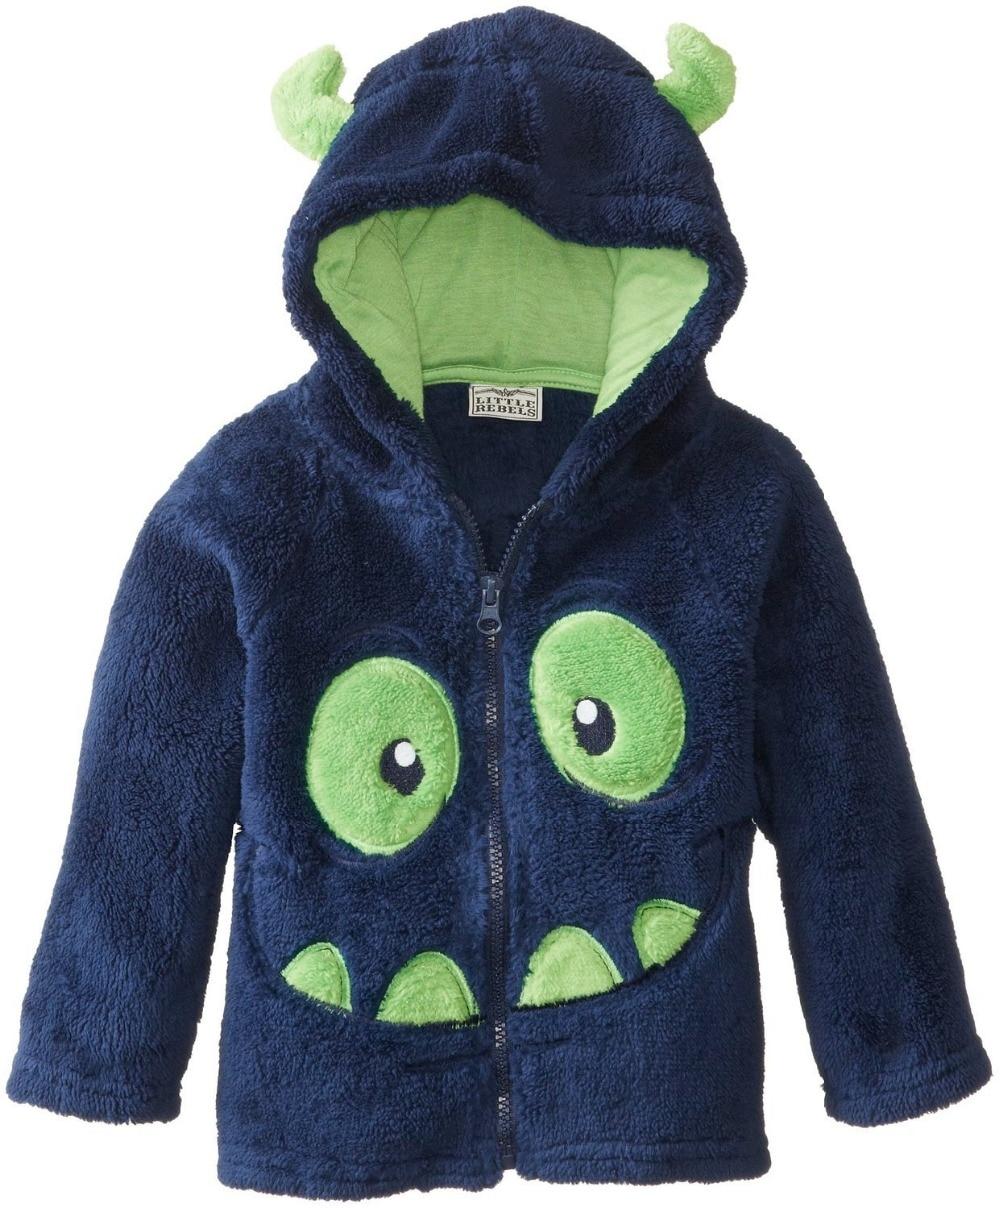 0-5Year / Sonbahar Kış Bebek Kız Erkek Giyim Mont Ve Ceketler - Çocuk Giyim - Fotoğraf 3